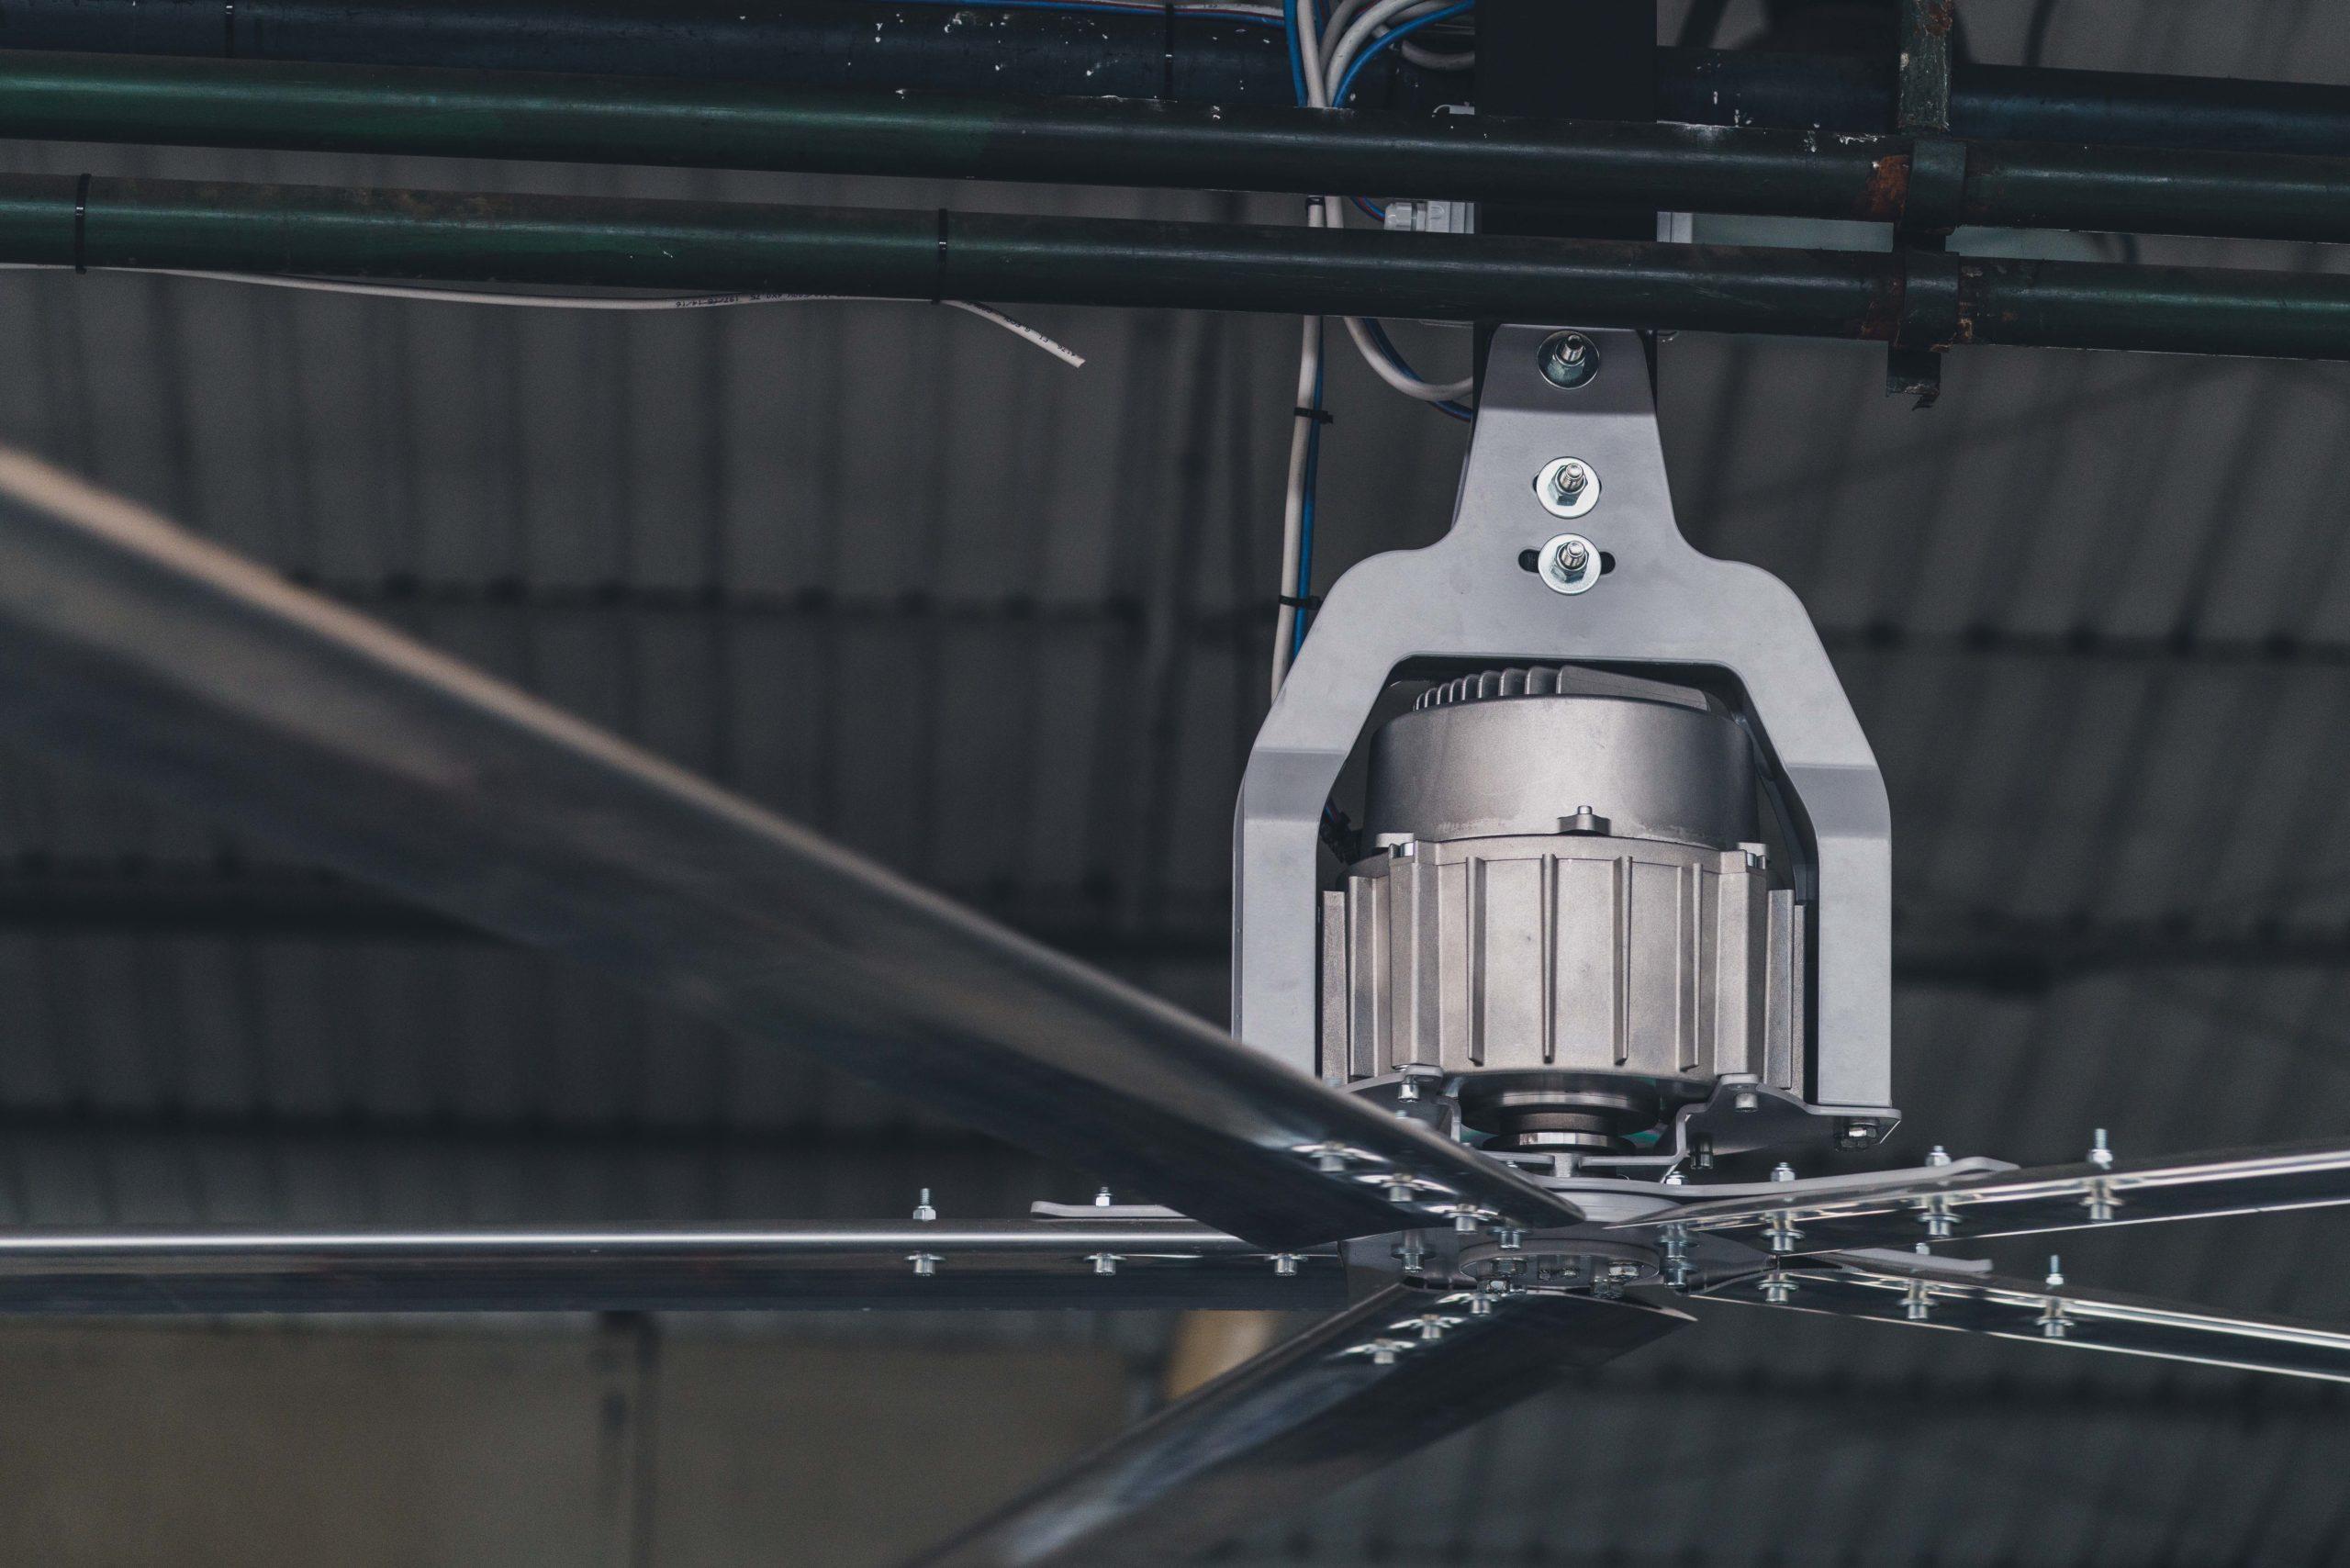 Optimvent® - Los mejores Ventiladores Industriales HVLS de techo - Ventiladores HVLS Optimvent - Ventilator industrial de tavan scaled - Optimvent® - Los mejores Ventiladores Industriales HVLS de techo